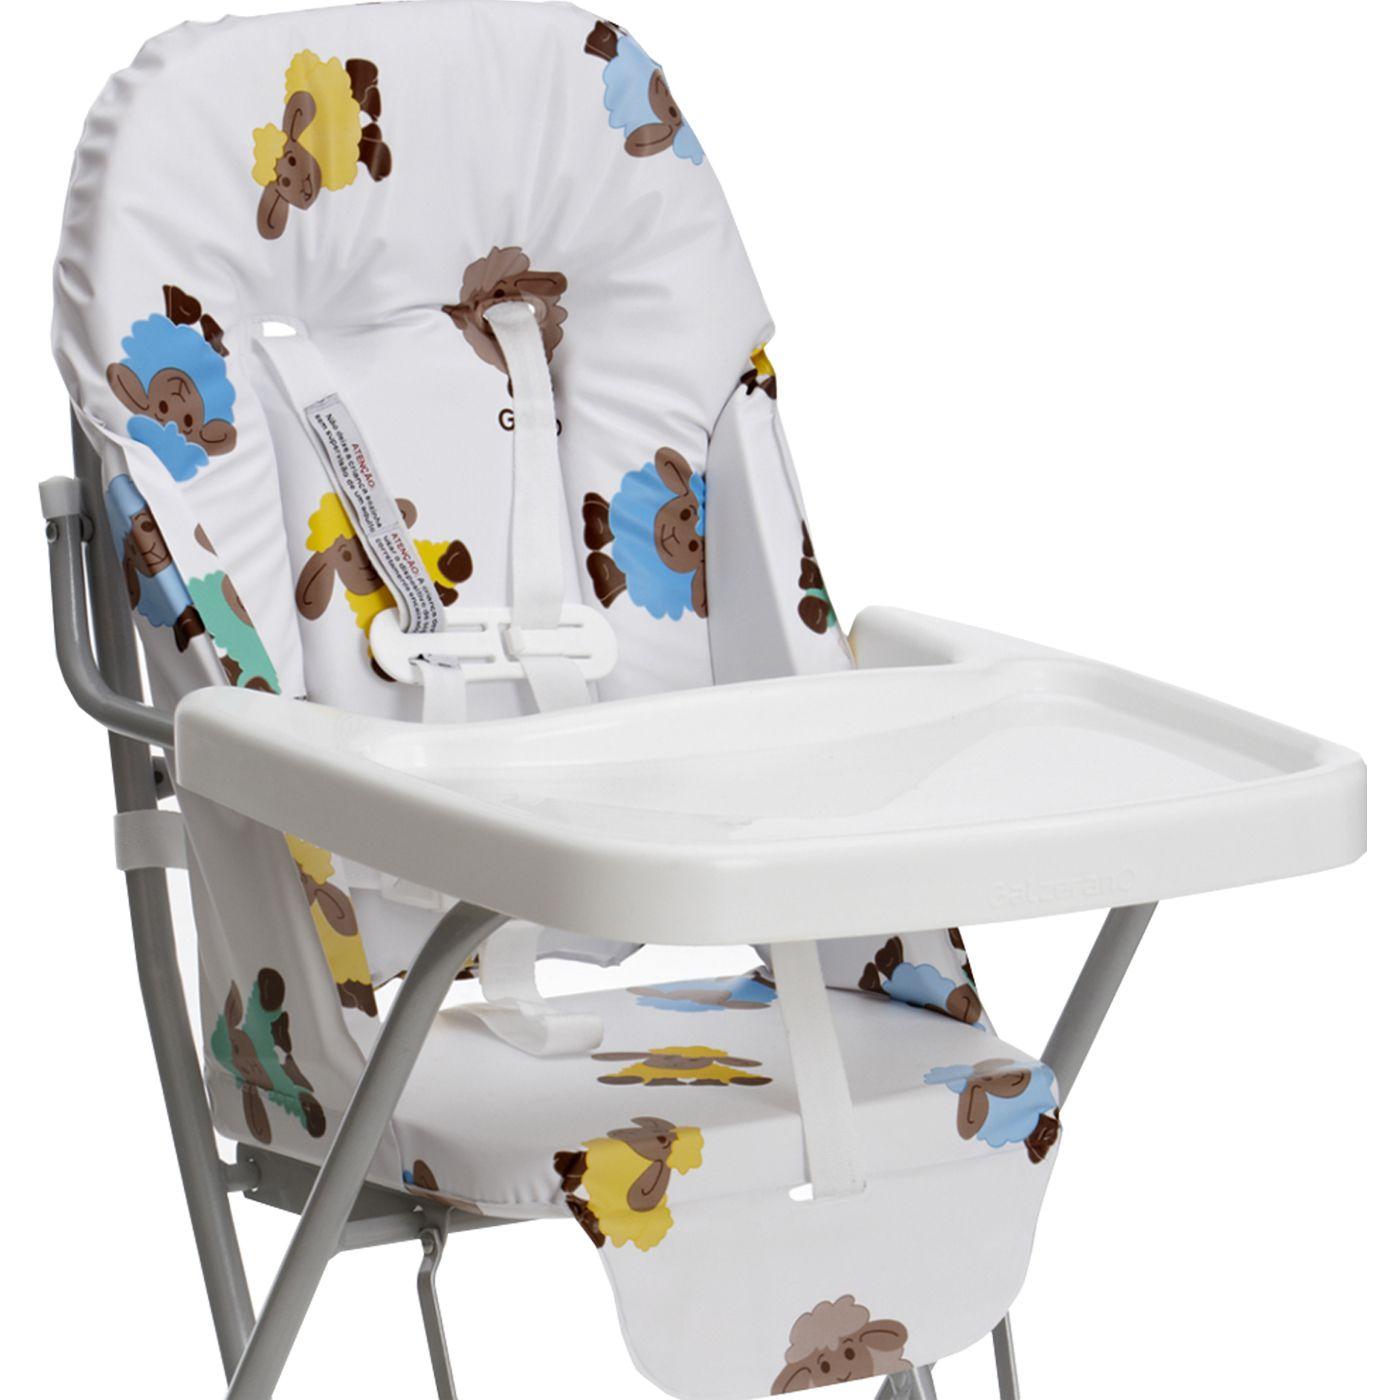 Cadeira para Refeição Standard da Galzerano Ovelhinha J. Mahfuz #A28D29 1600x1600